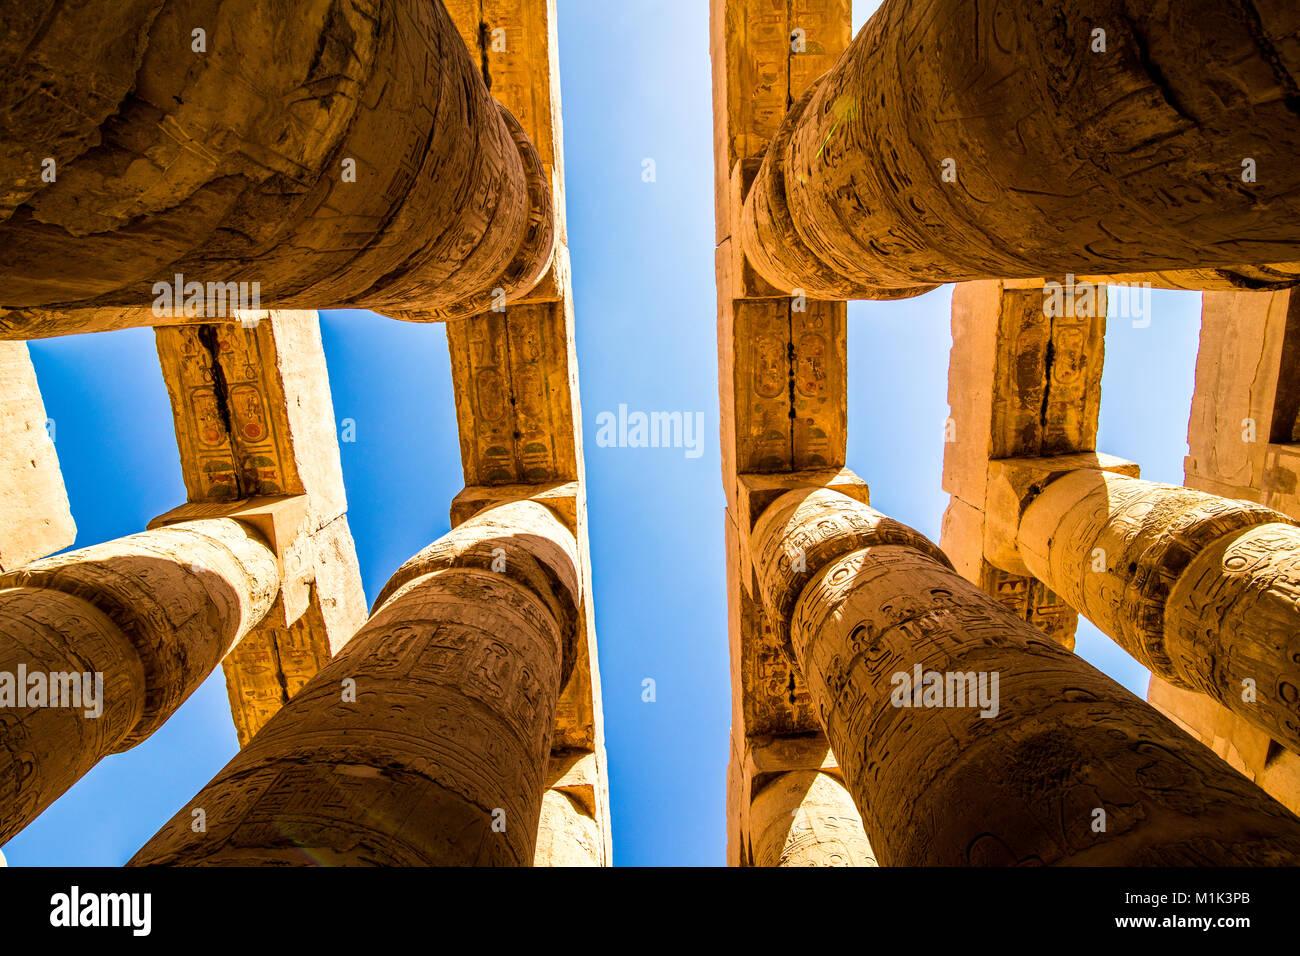 The Karnak temple in Luxor Egypt January 2018 - Stock Image